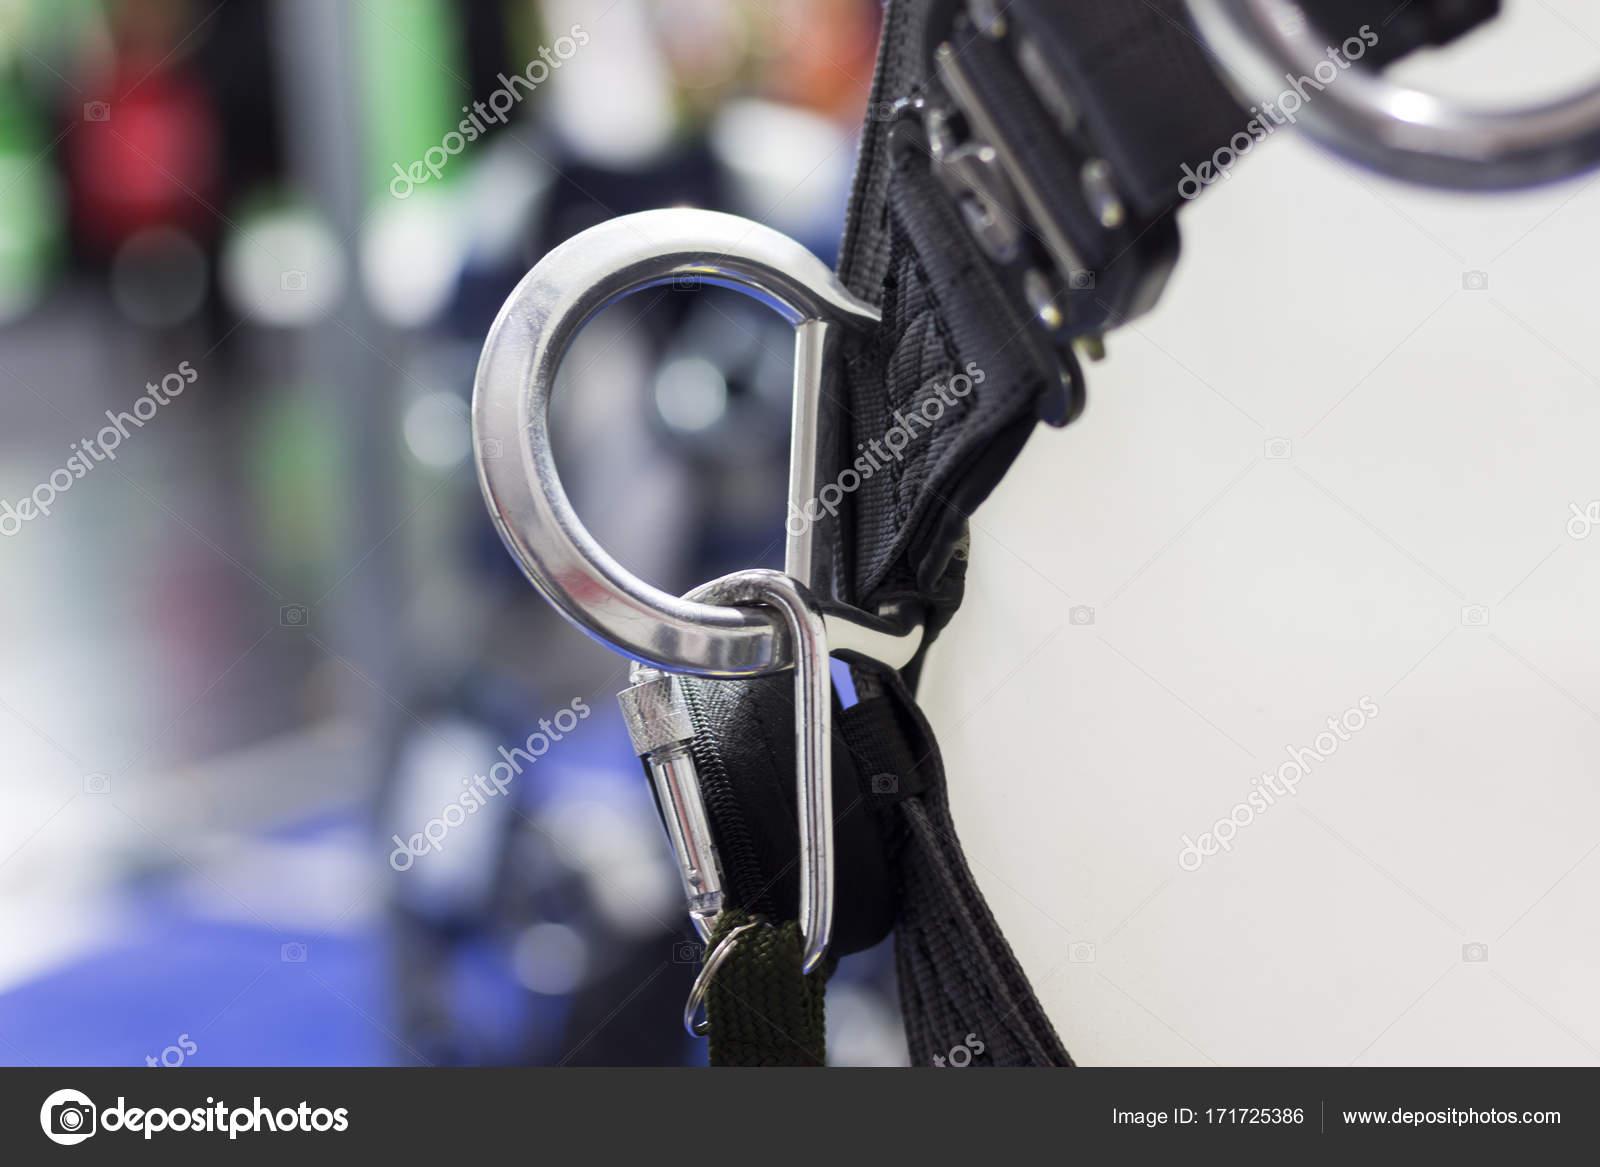 Klettergurt Industrie : Karabiner für klettergurt; quick release u2014 stockfoto © wsintapanon